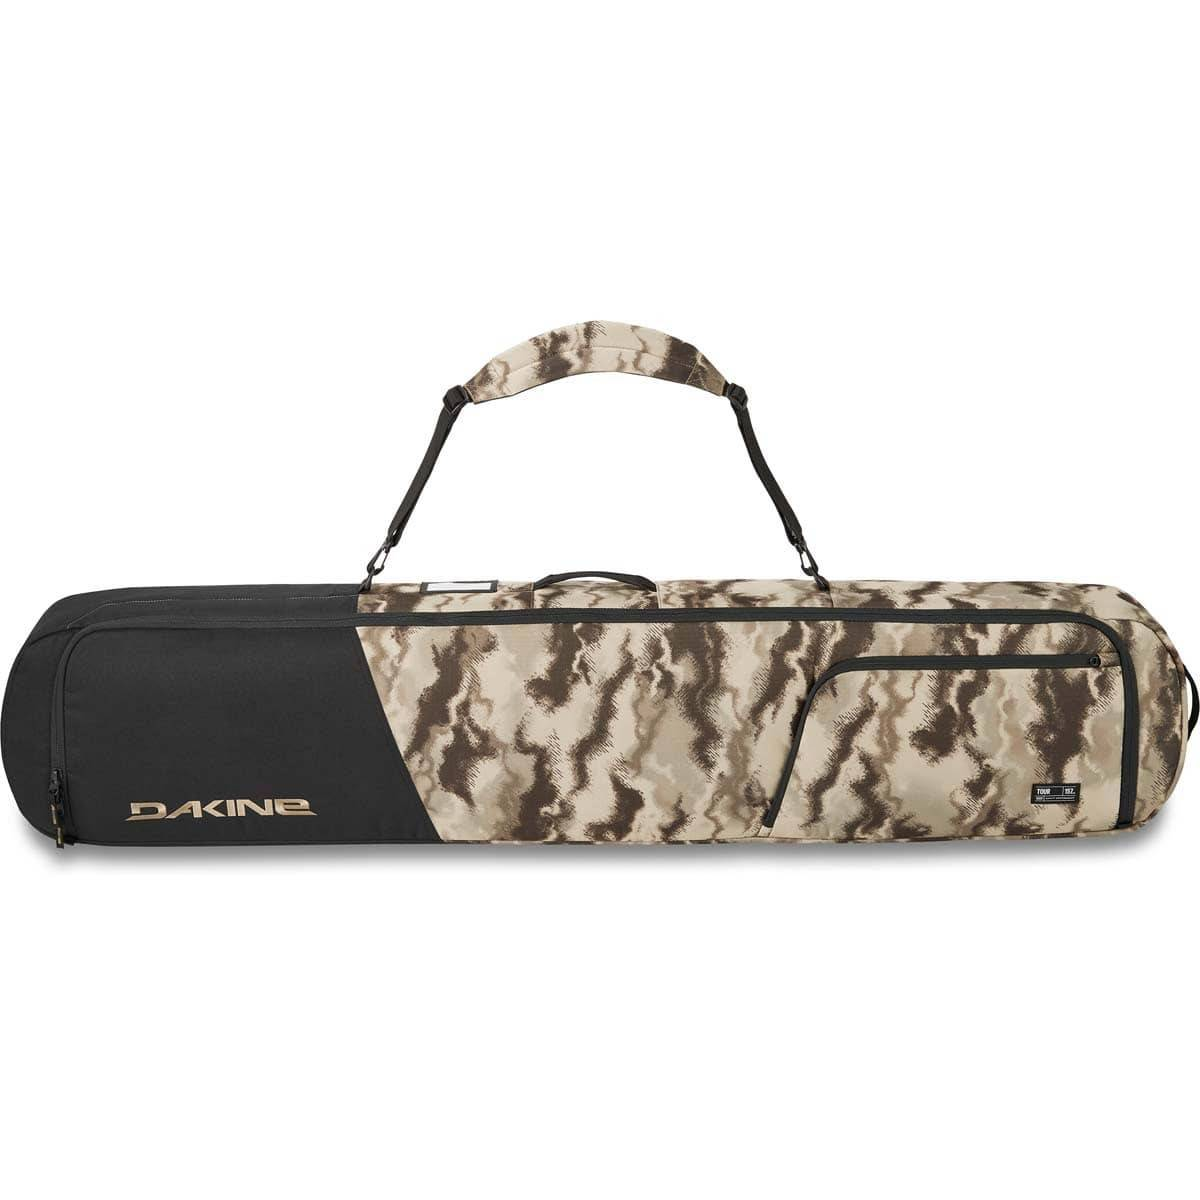 Dakine Tour Snowboard Bag 165 cm Snowboard Boardbag Ashcroft Camo